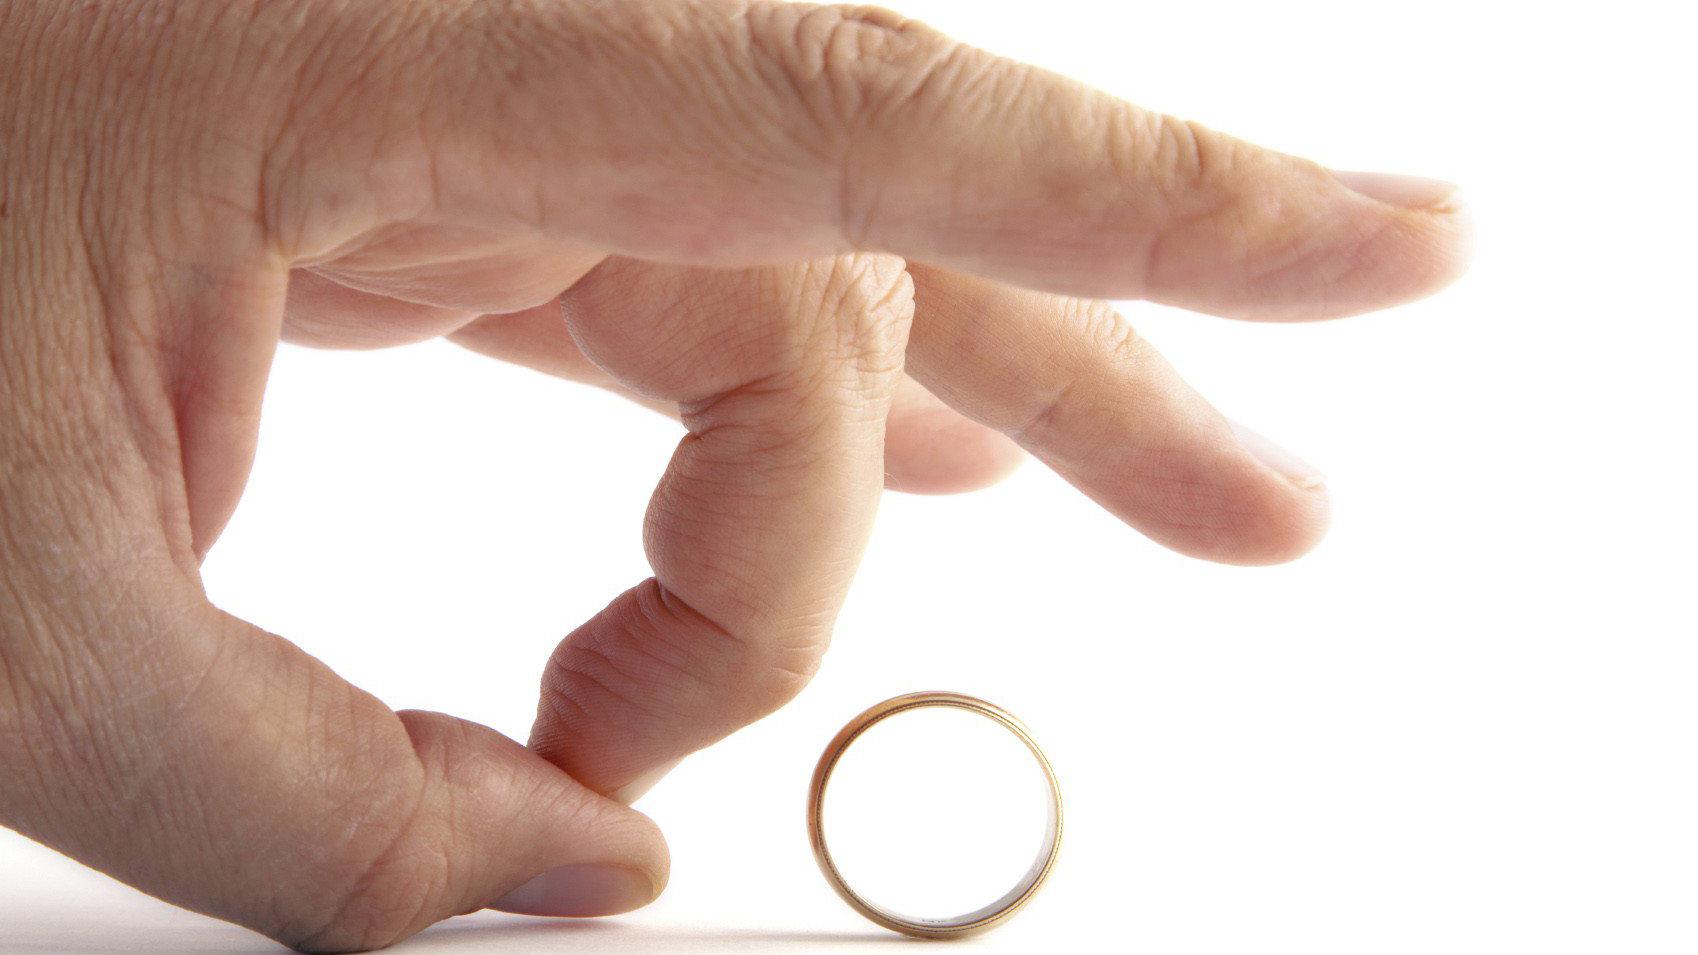 لفاظی مسئولان و فاجعه اجتماعی و طلاق